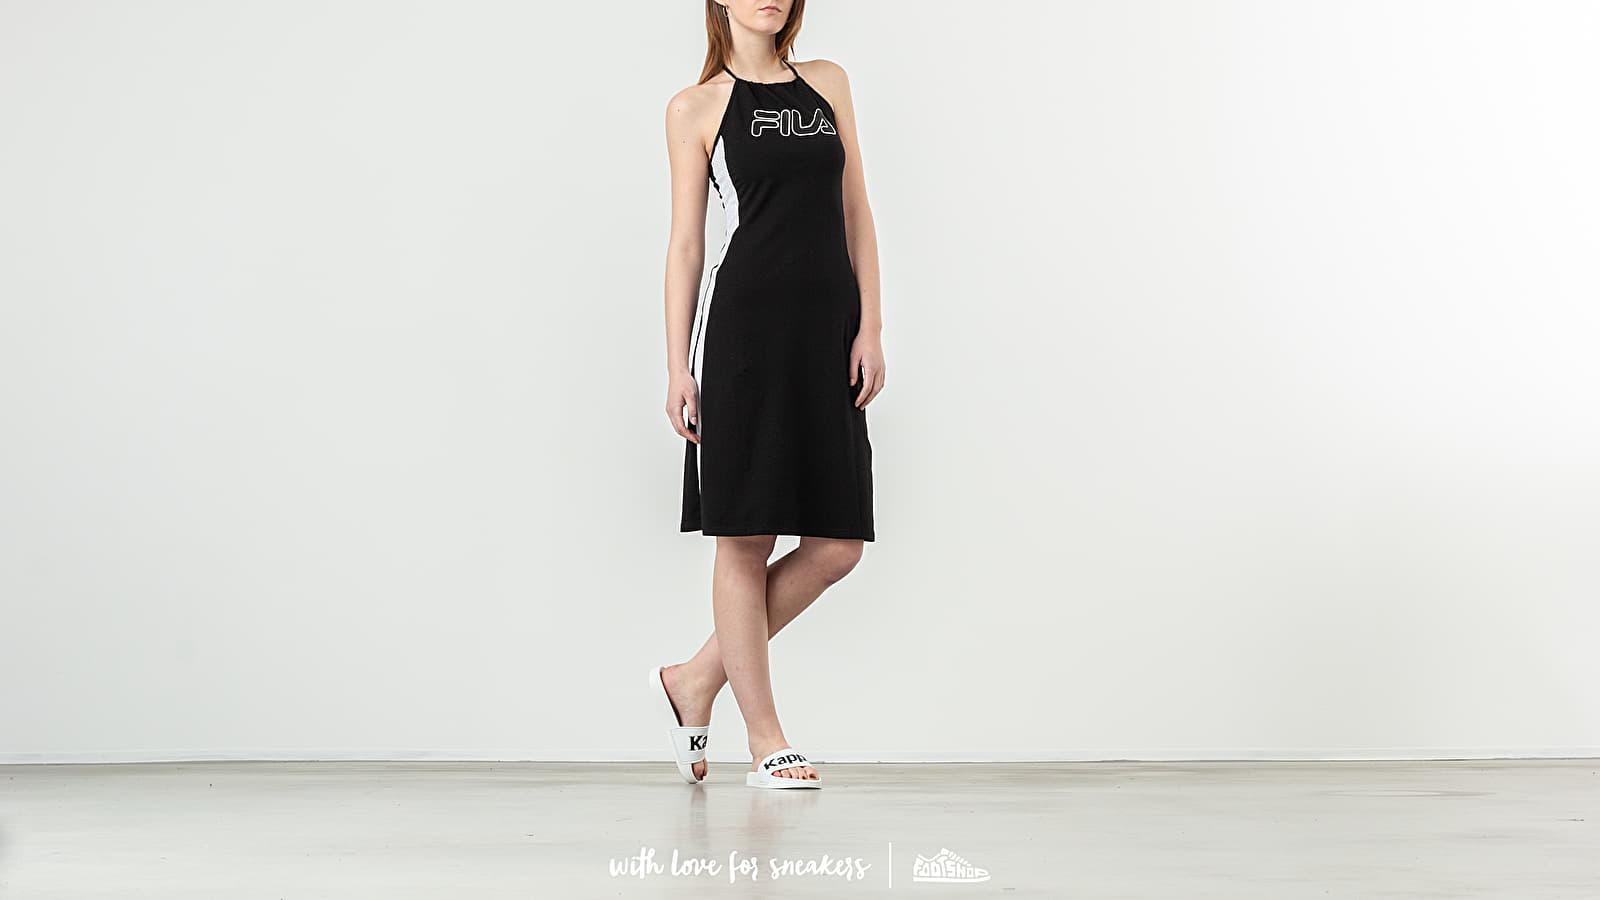 Φορέματα FILA Amina Neckholder Dress Black/ Bright White